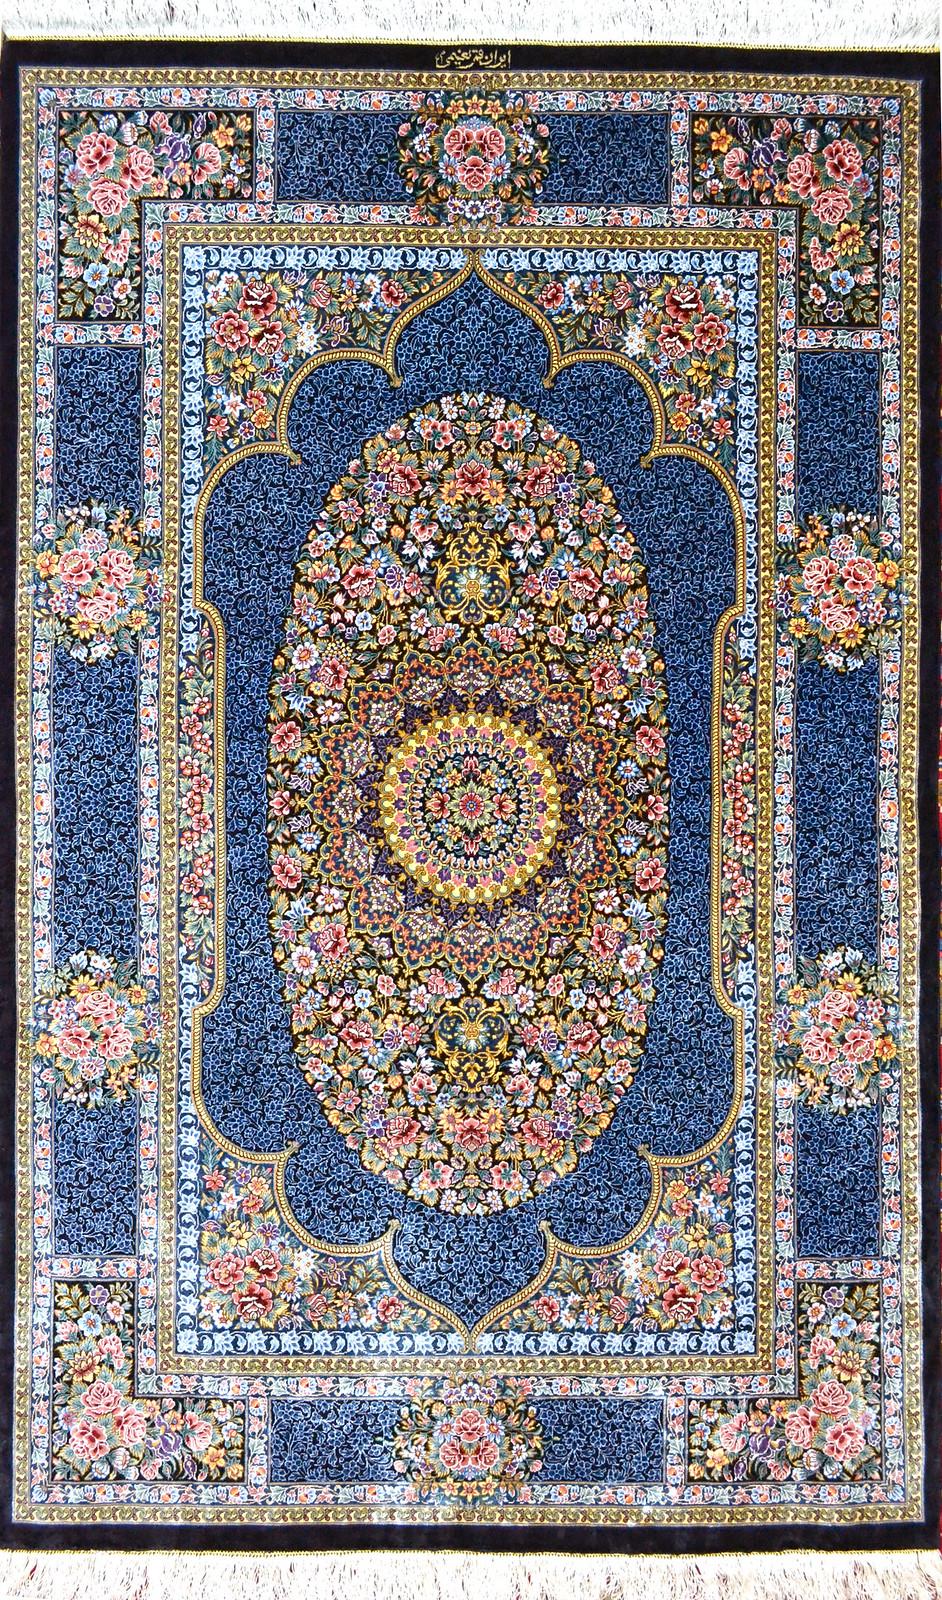 Qum Pure Silk Persian Rug Blue 3x5 Masterpiece 1000 KPSI (1)